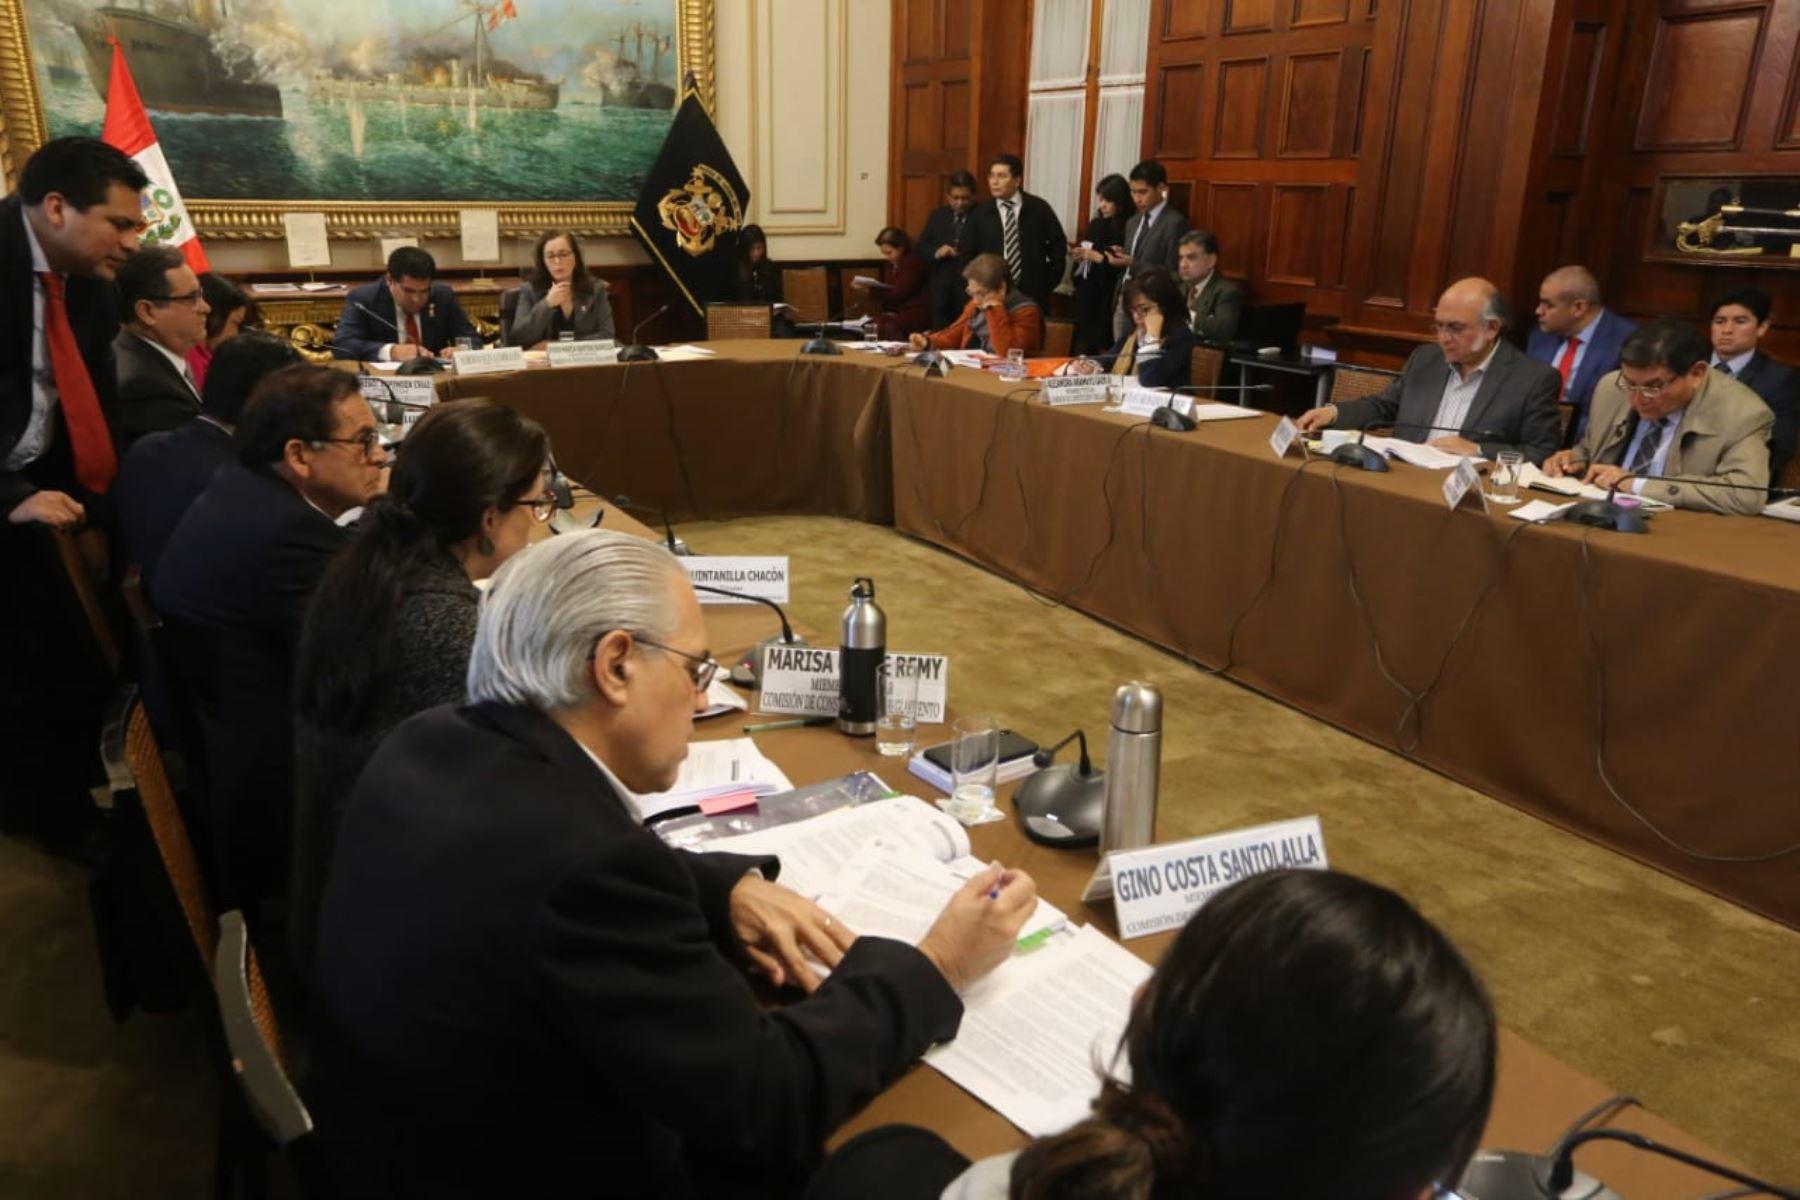 Comisión de Constitución aprueba proyectos de ley referidos a la reforma política.